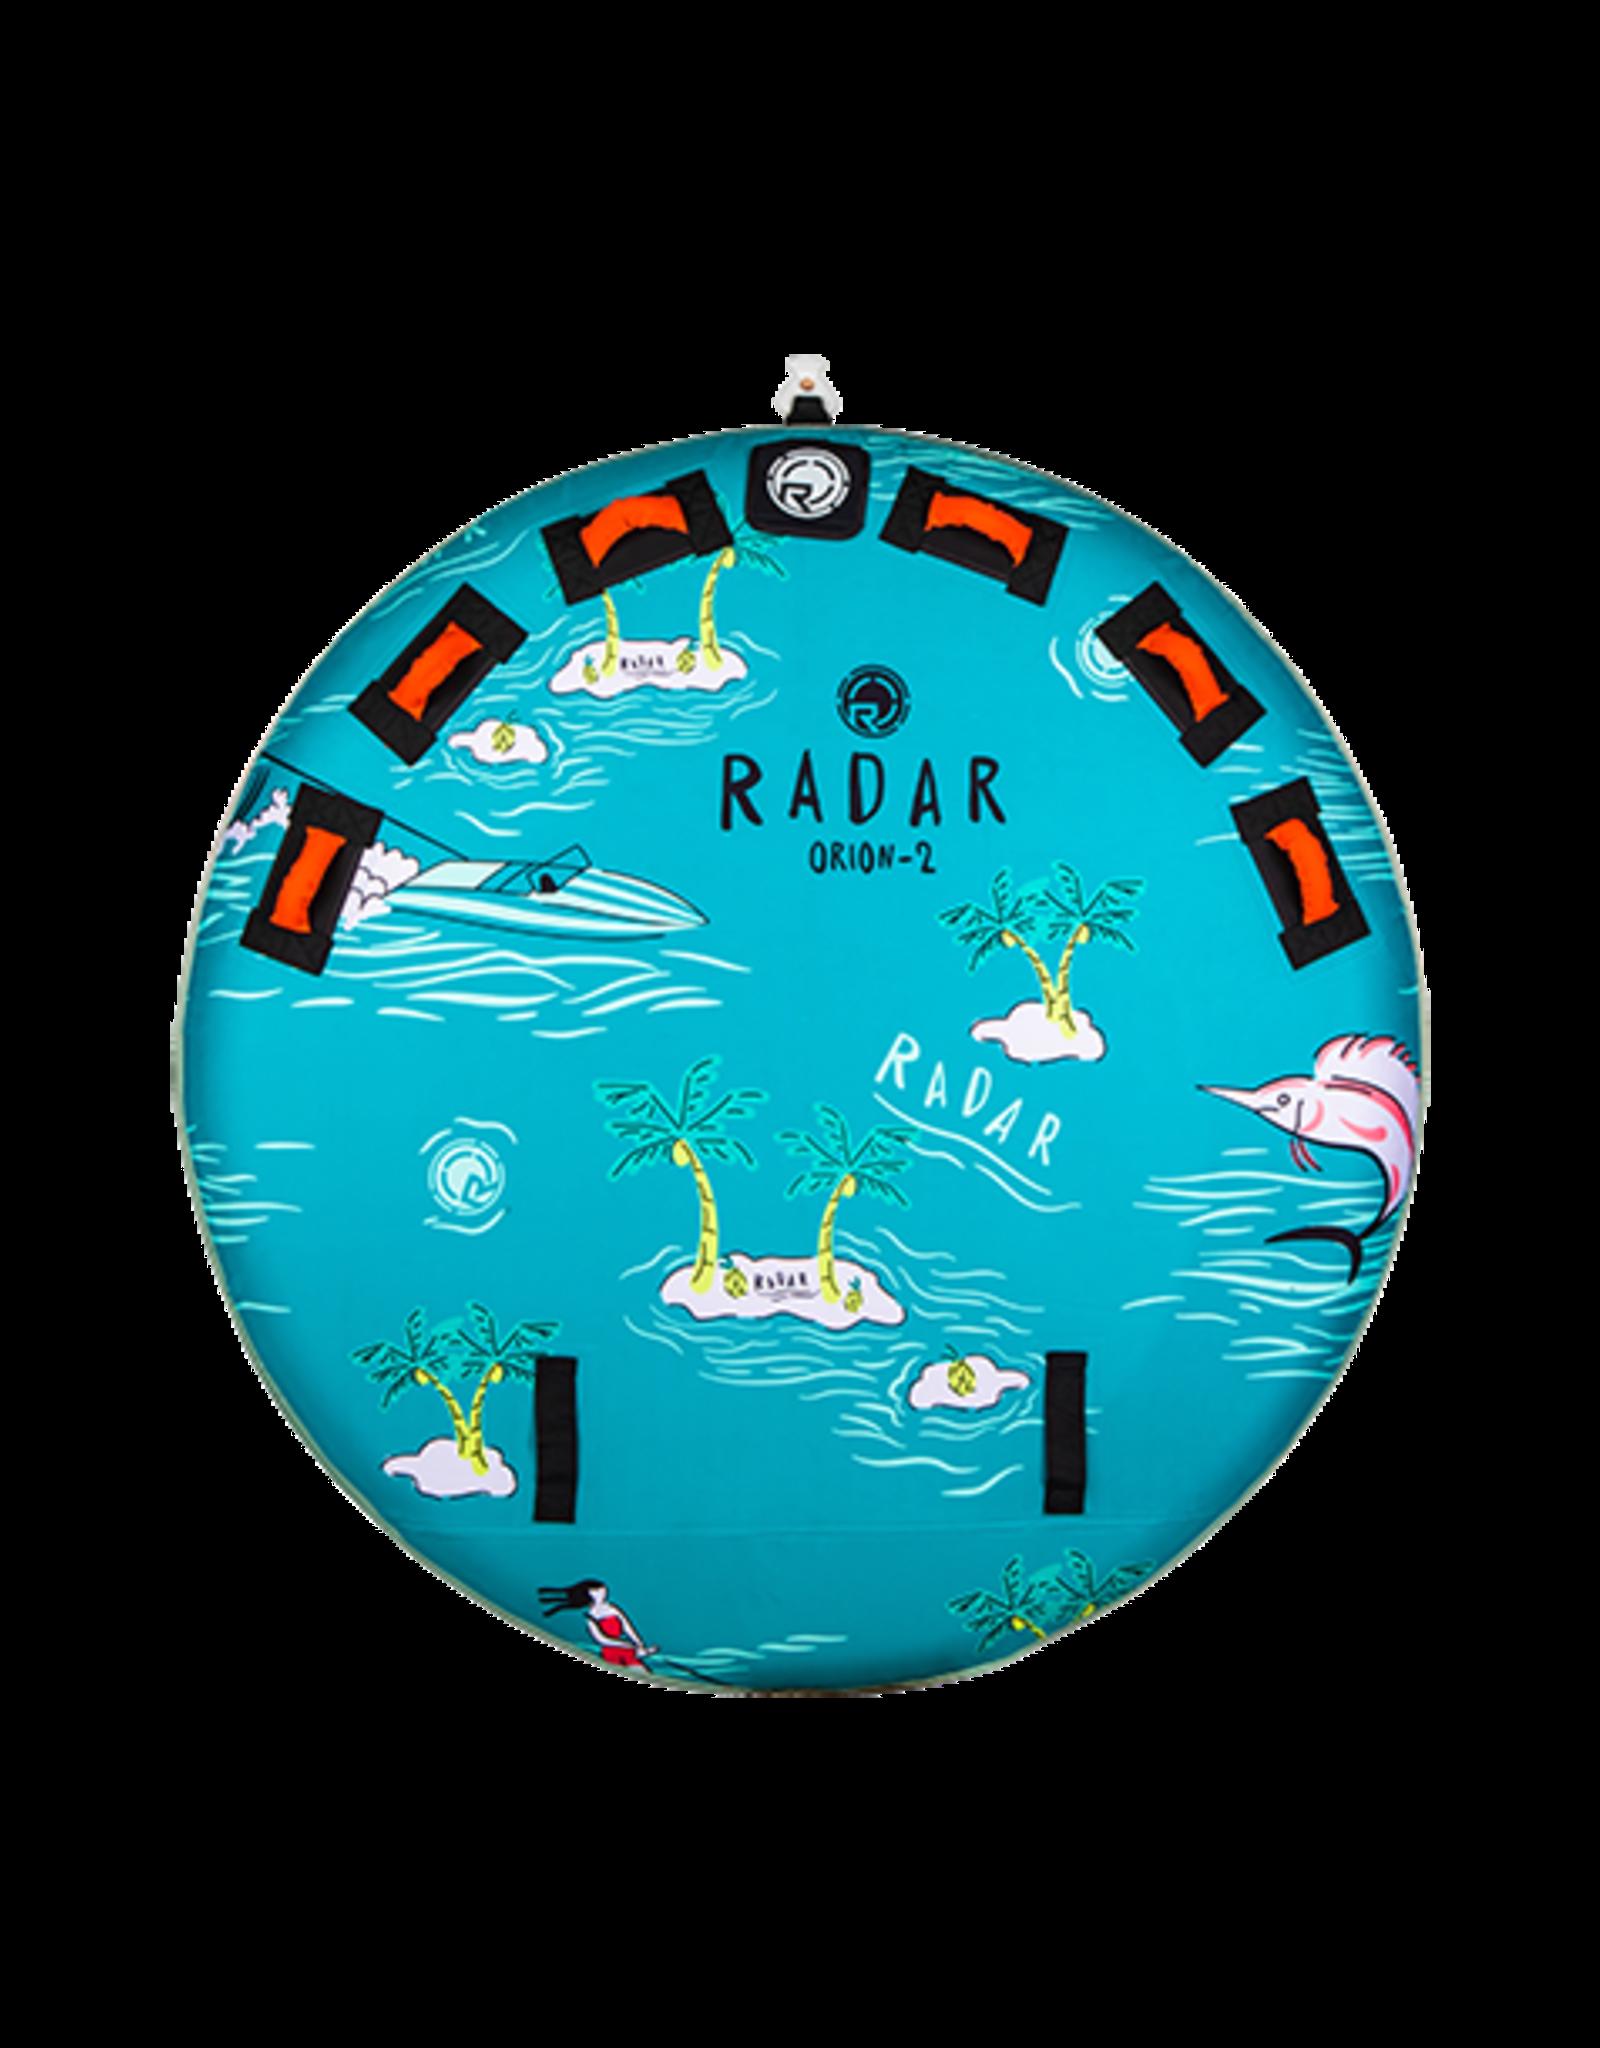 Radar Orion 2 Tube